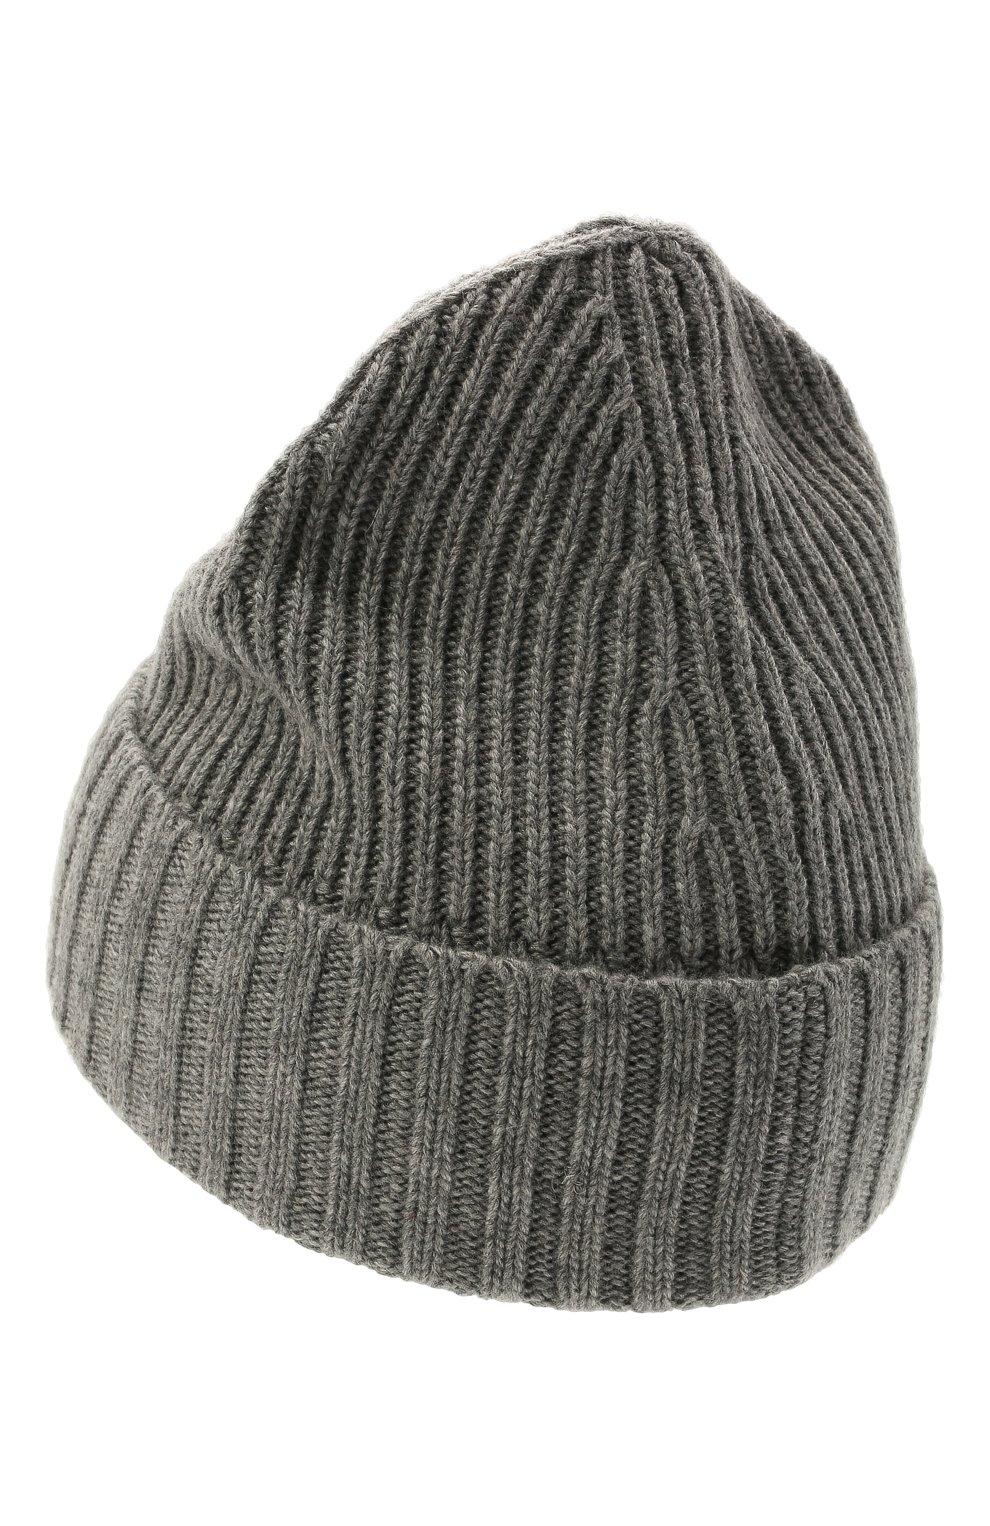 Детского шапка из шерсти и вискозы STONE ISLAND темно-серого цвета, арт. 7516N03A8 | Фото 2 (Материал: Текстиль, Шерсть, Вискоза)